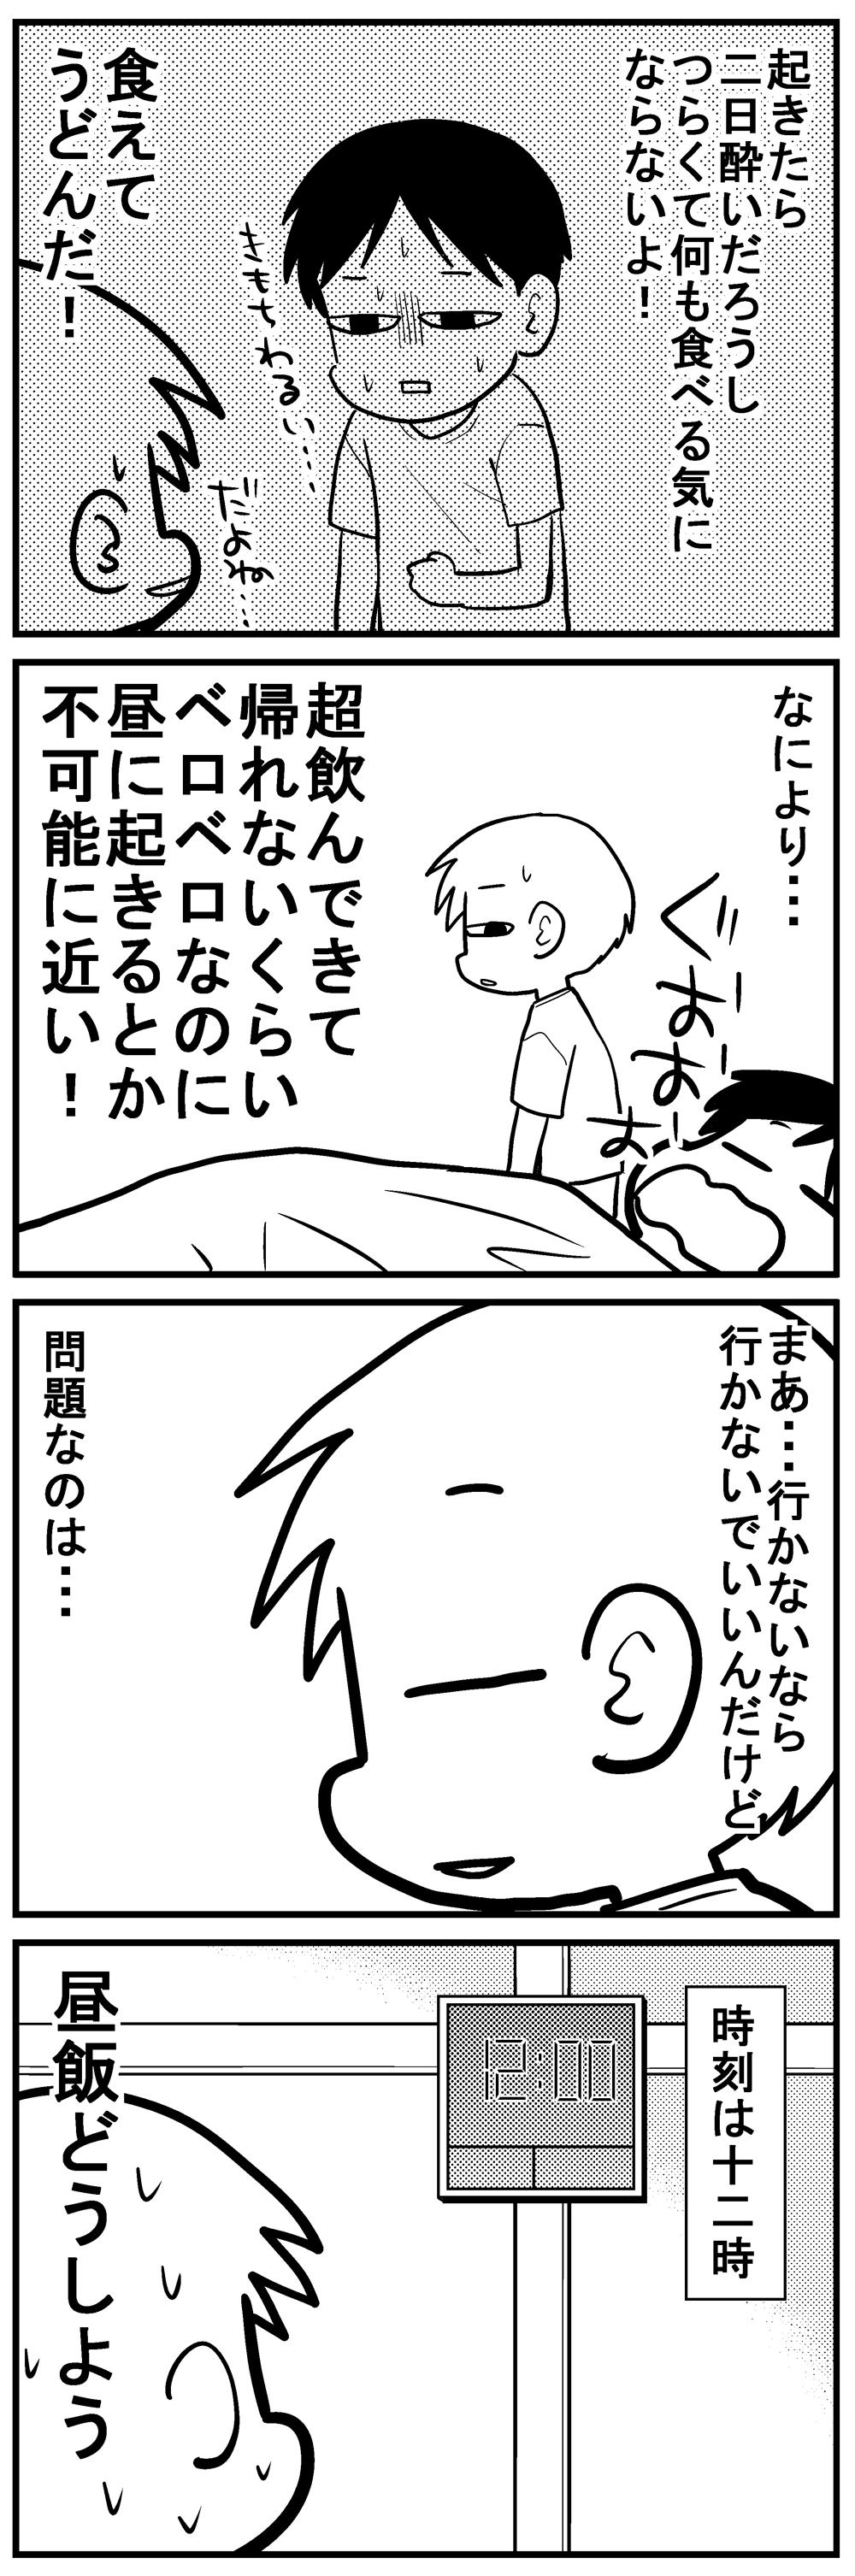 深読みくん92-3